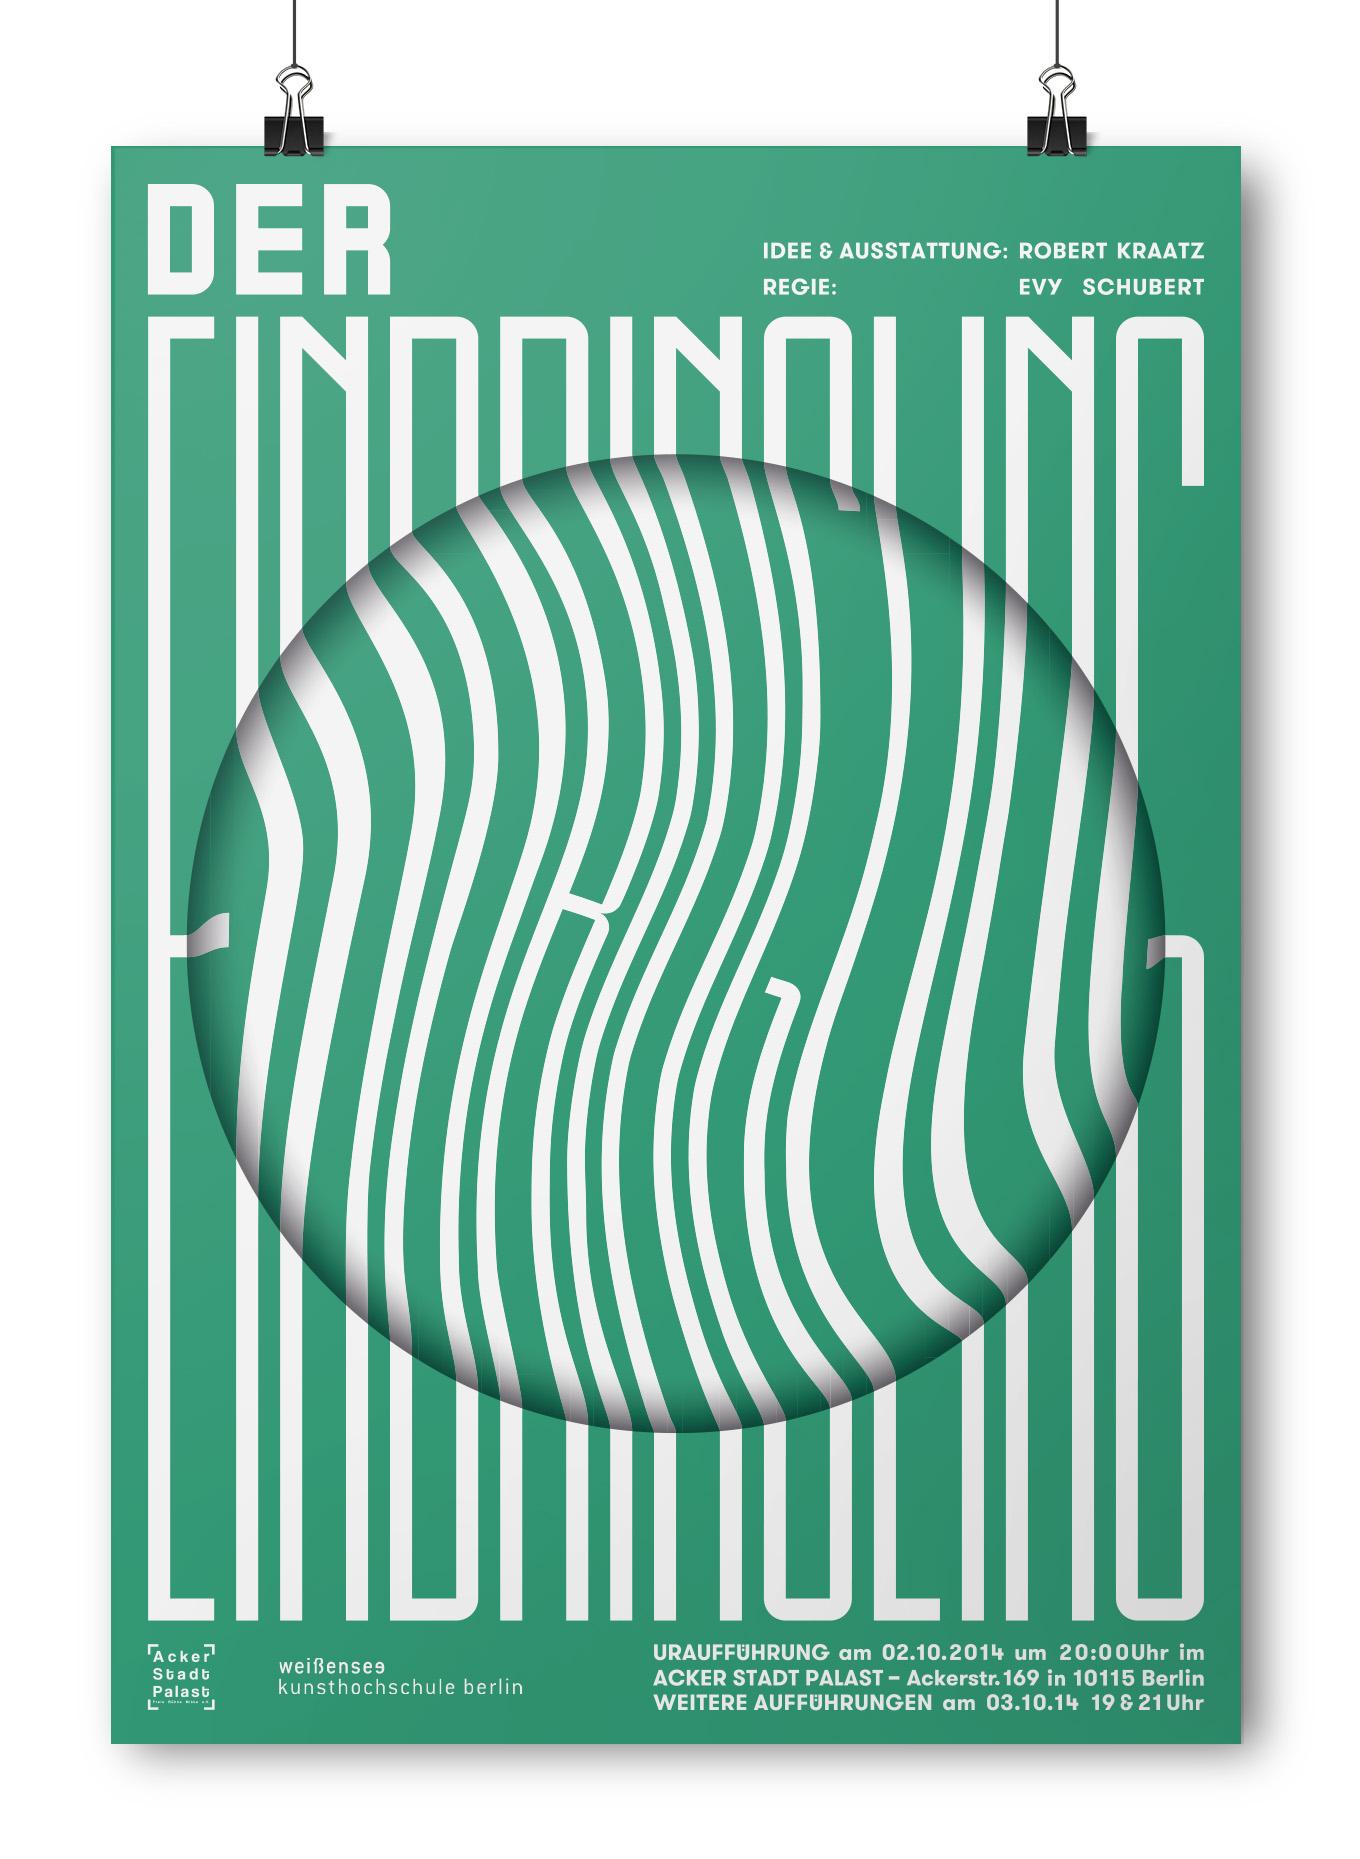 Martin Gnadt — Kommunikationsdesign DER EINDRINGLING